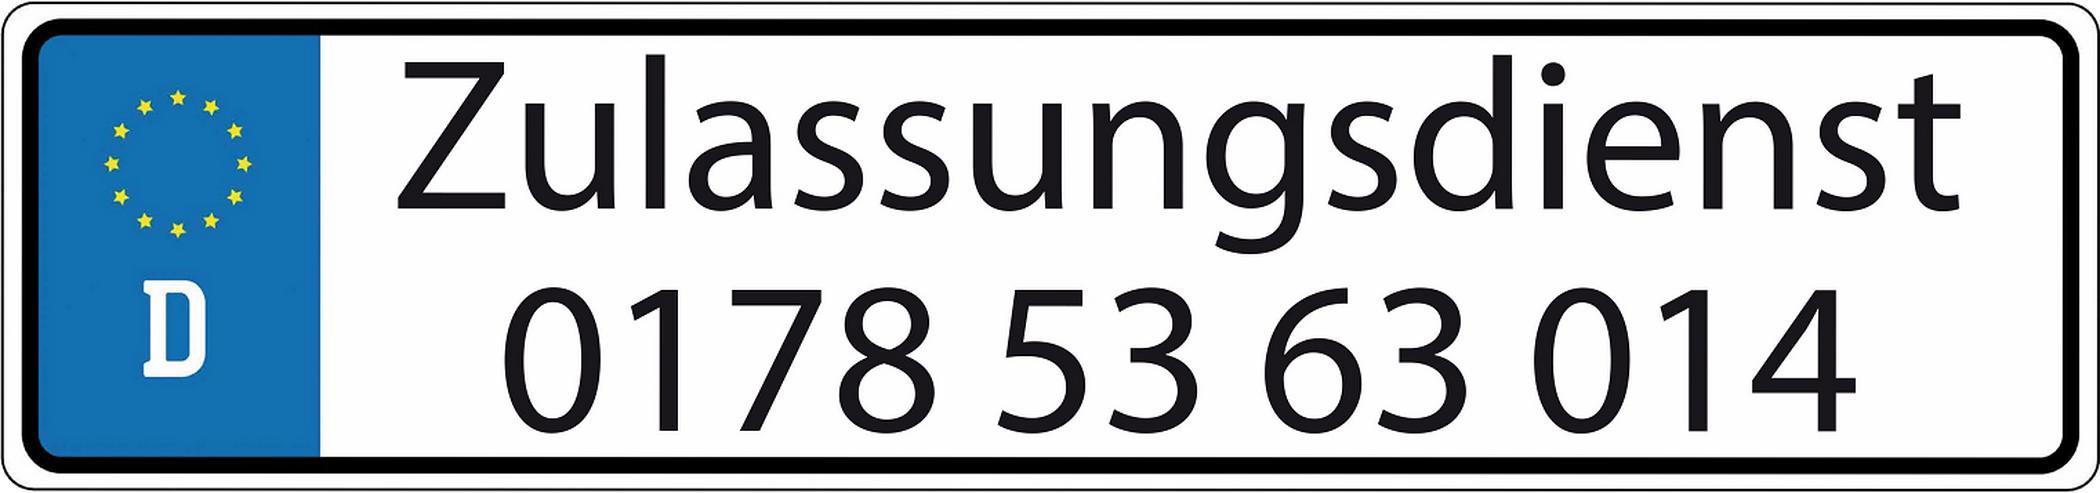 Zulassungsdienst Ruhrgebiet schnell und zuverlässig ab 75 Euro zzgl.........